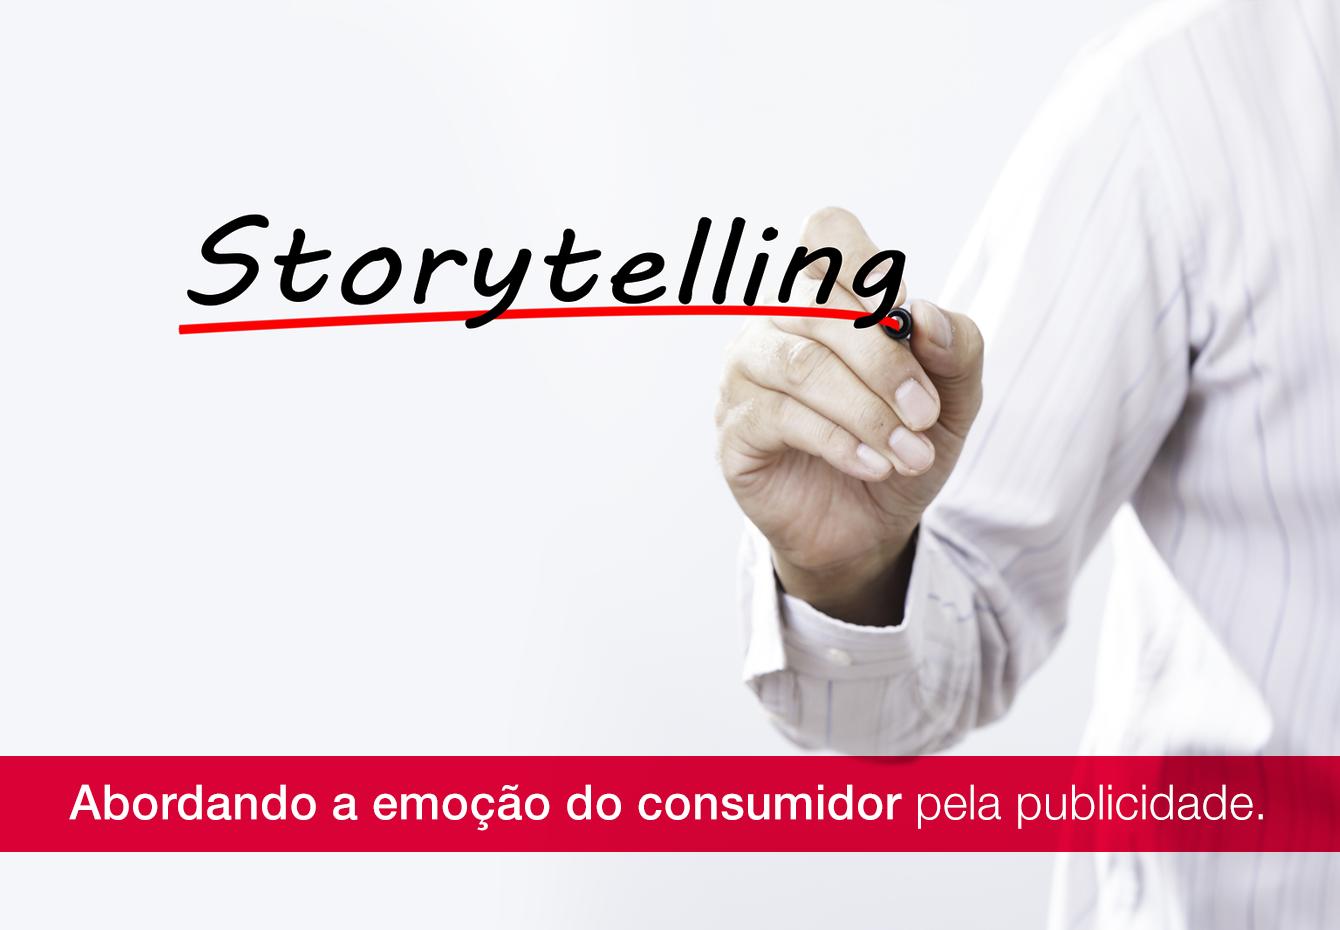 Como contar histórias: a importância do storytelling na publicidade. BG Comunicação e Marketing